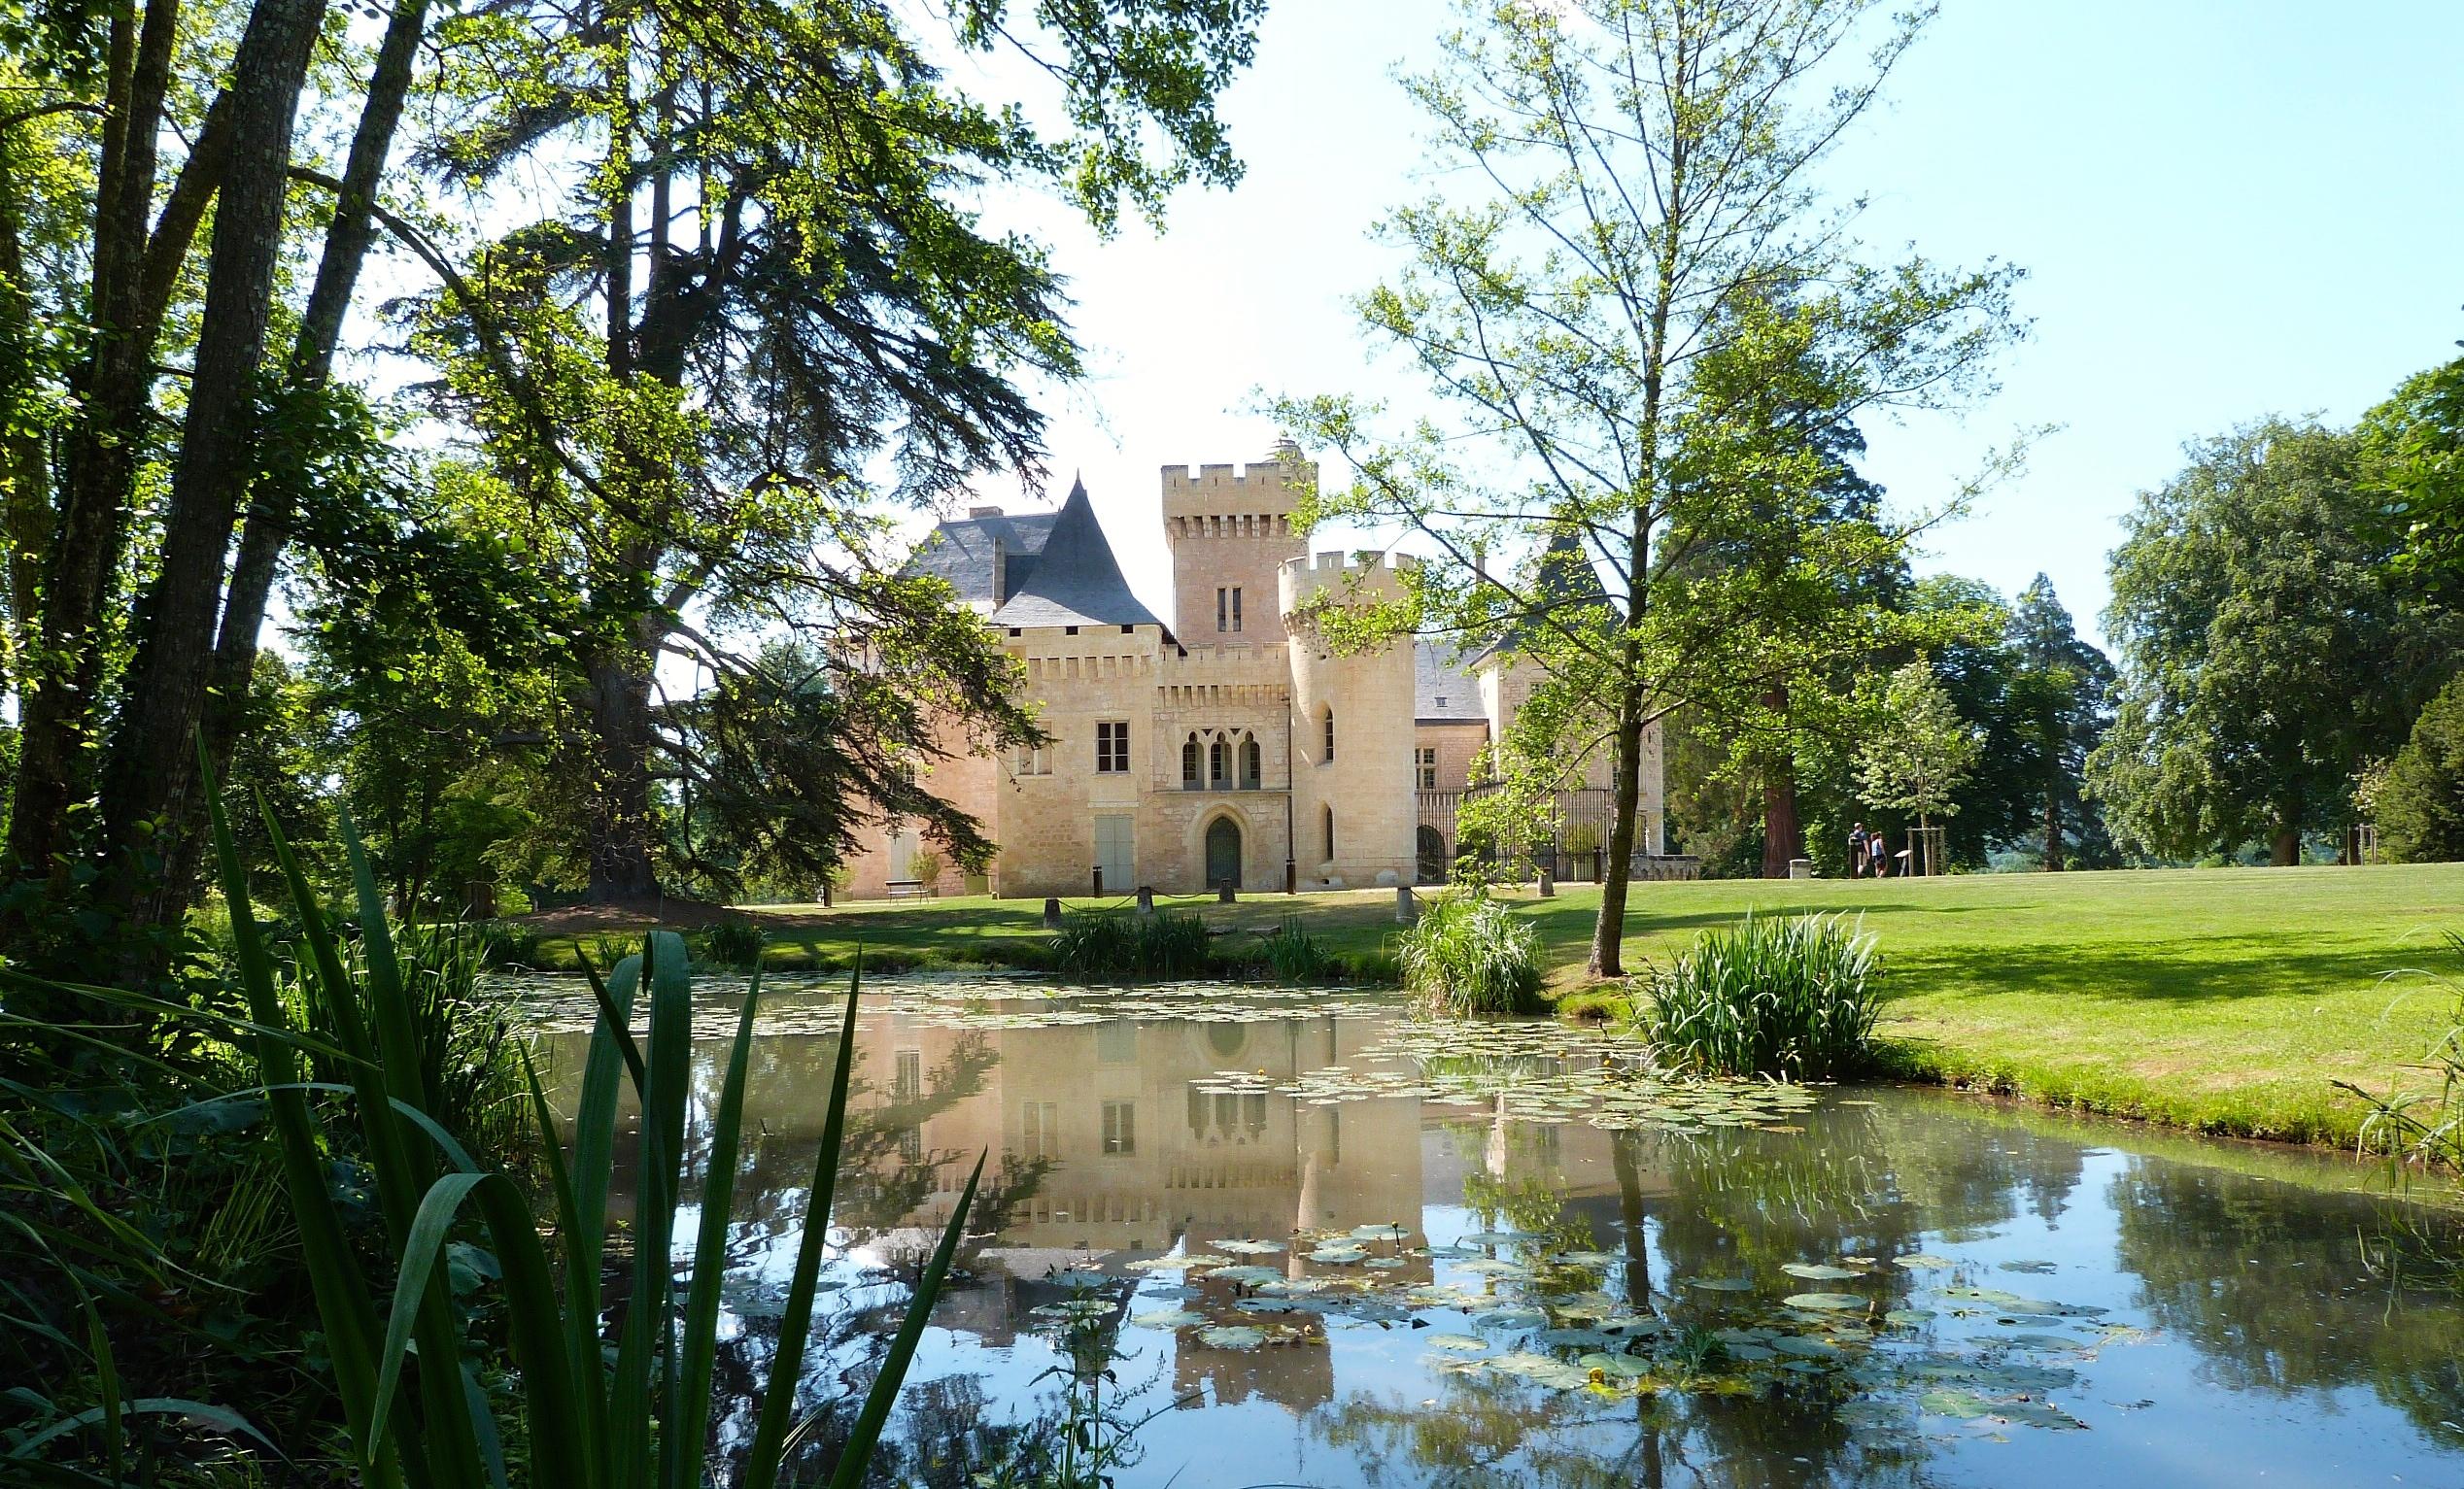 Parc château de Campagne ©Myriam G.